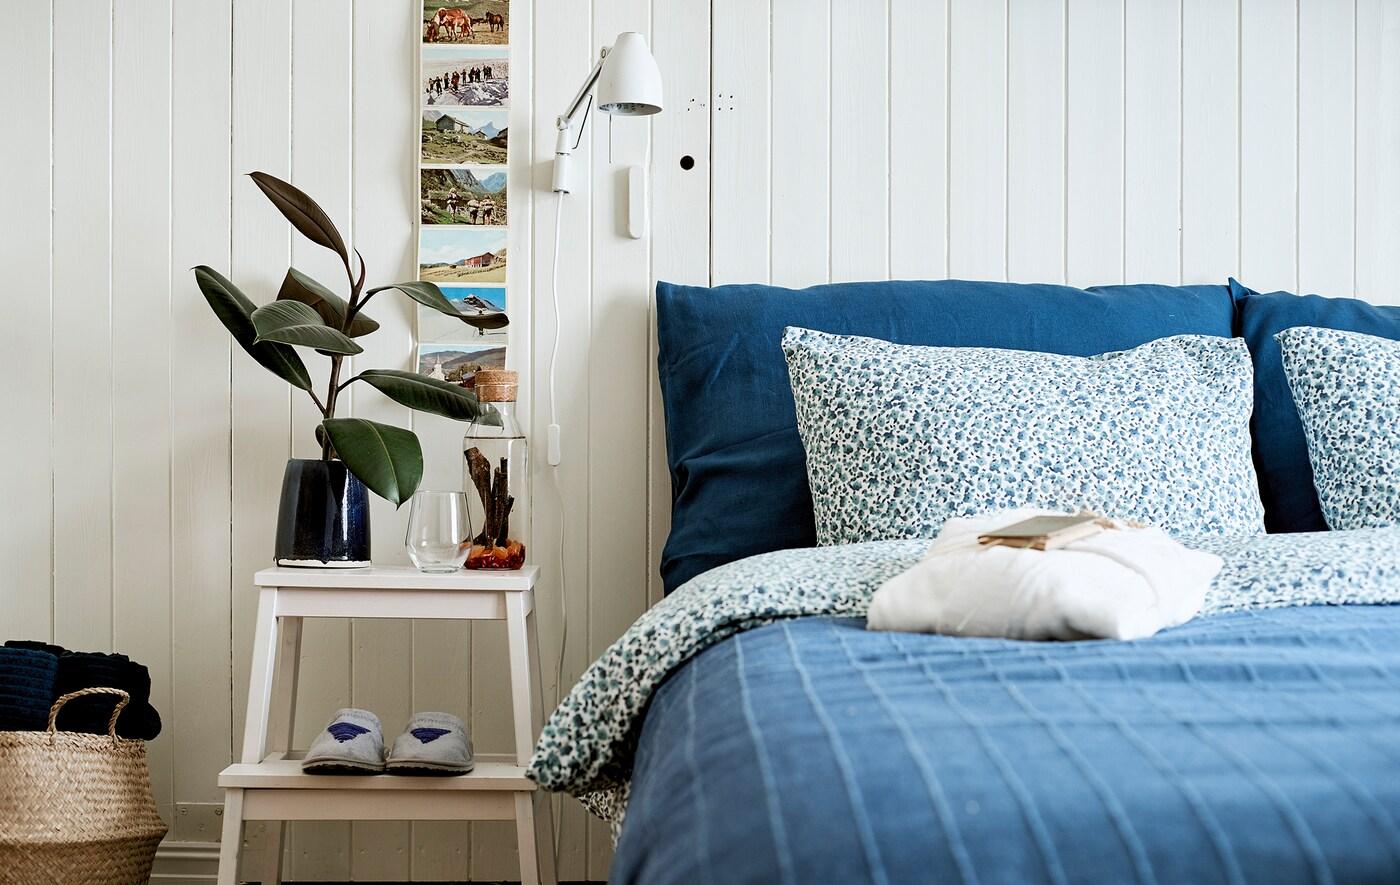 Uma cama feita com roupa de cama em azul, um banco que serve como mesa de apoio, sobre o qual se encontra uma garrafa de mesa com uma infusão e copos.